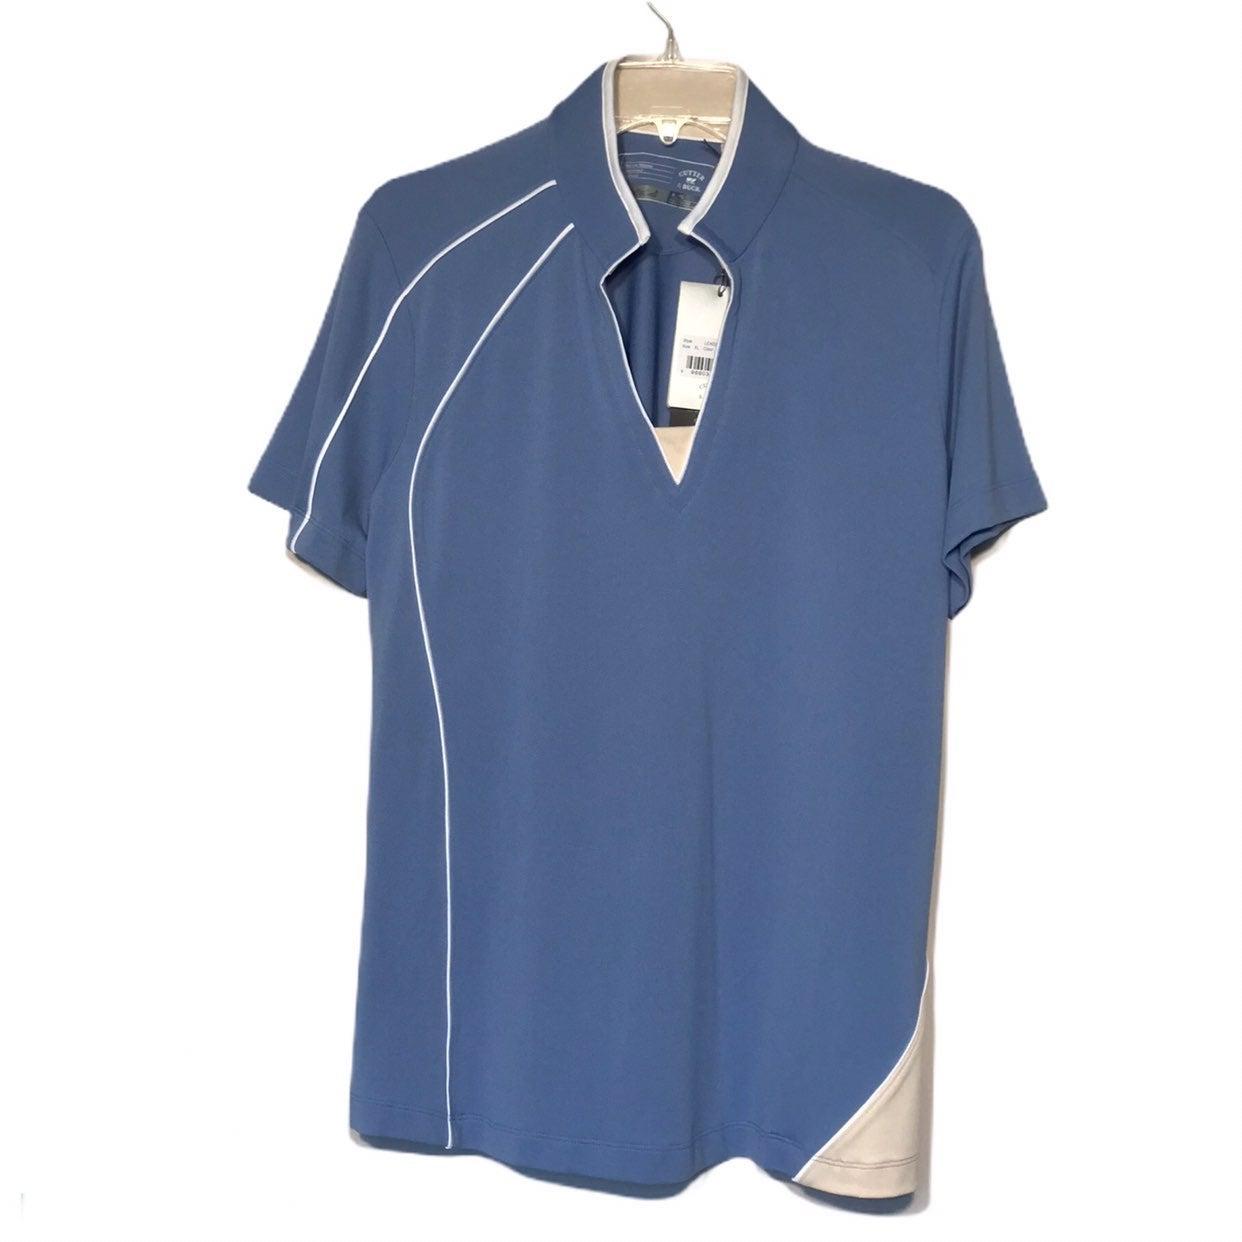 Cutter & Buck Dry Tec Blue Golf Top